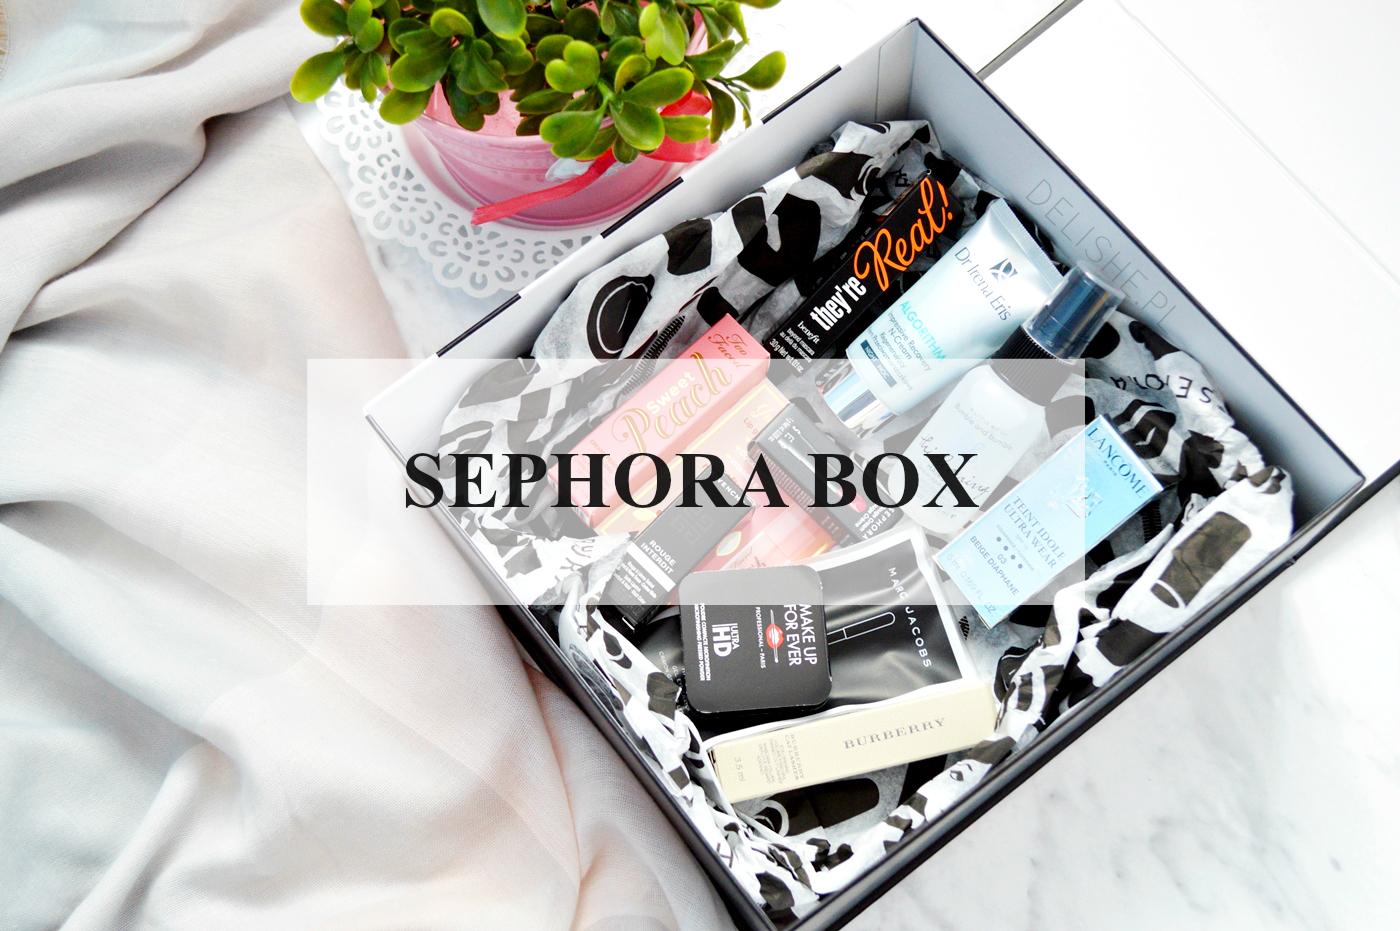 sephora box co jest w środku